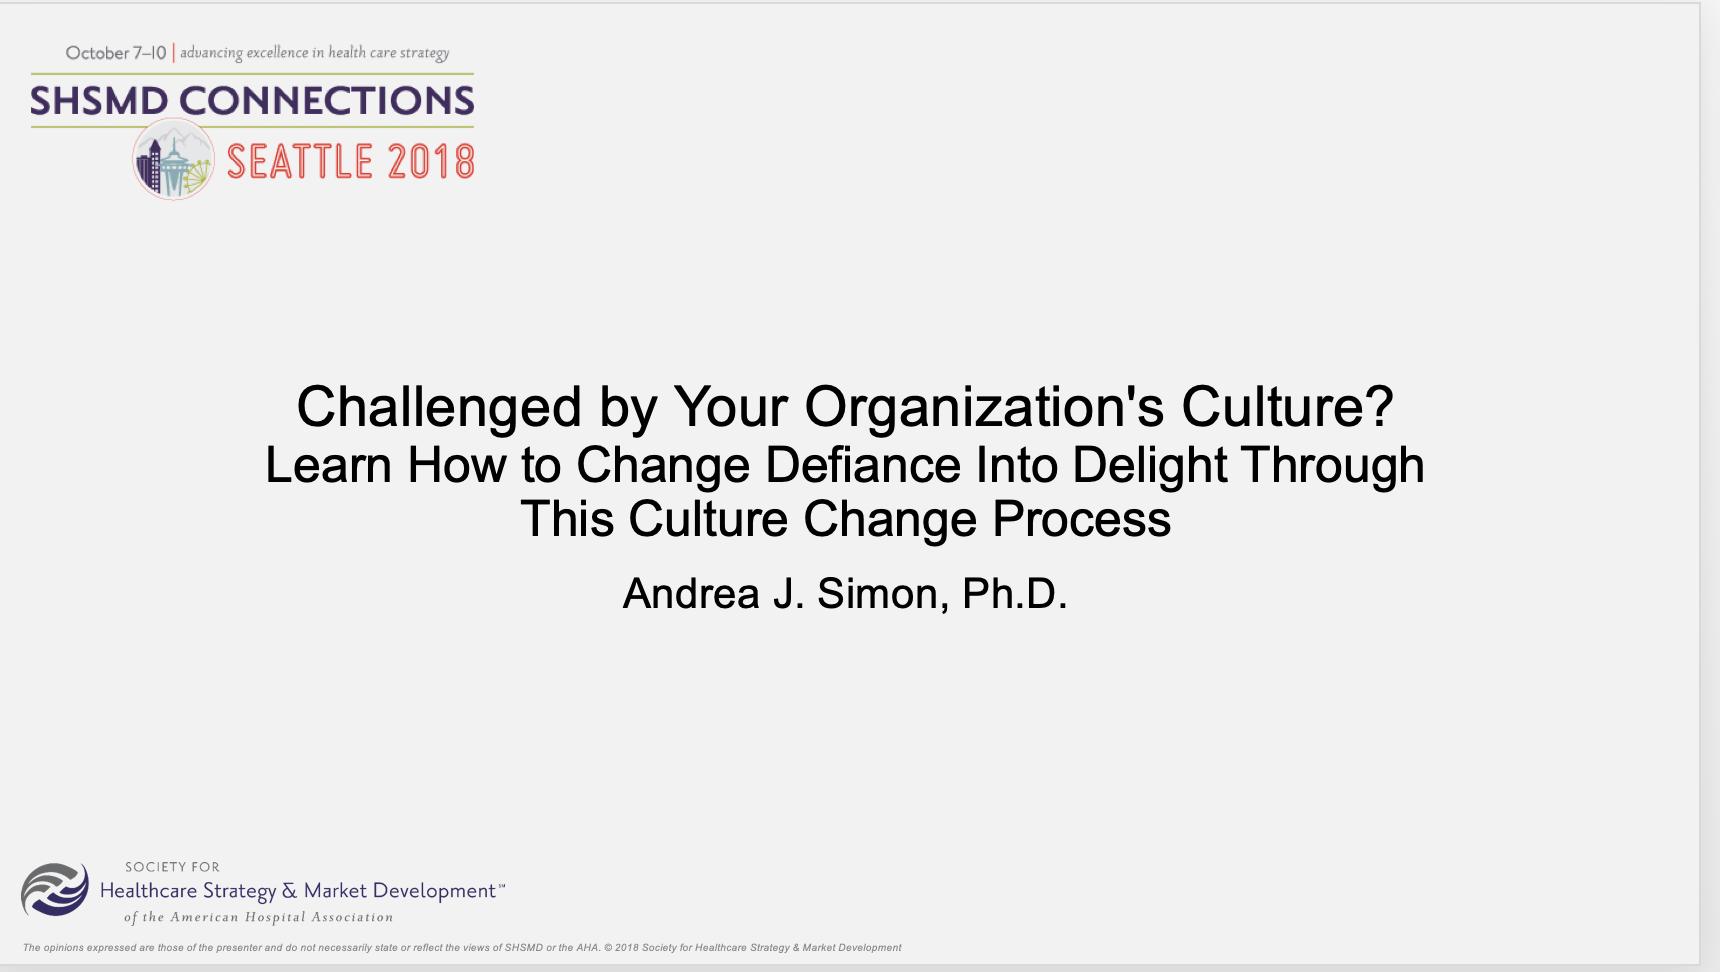 SHSMD Culture Change